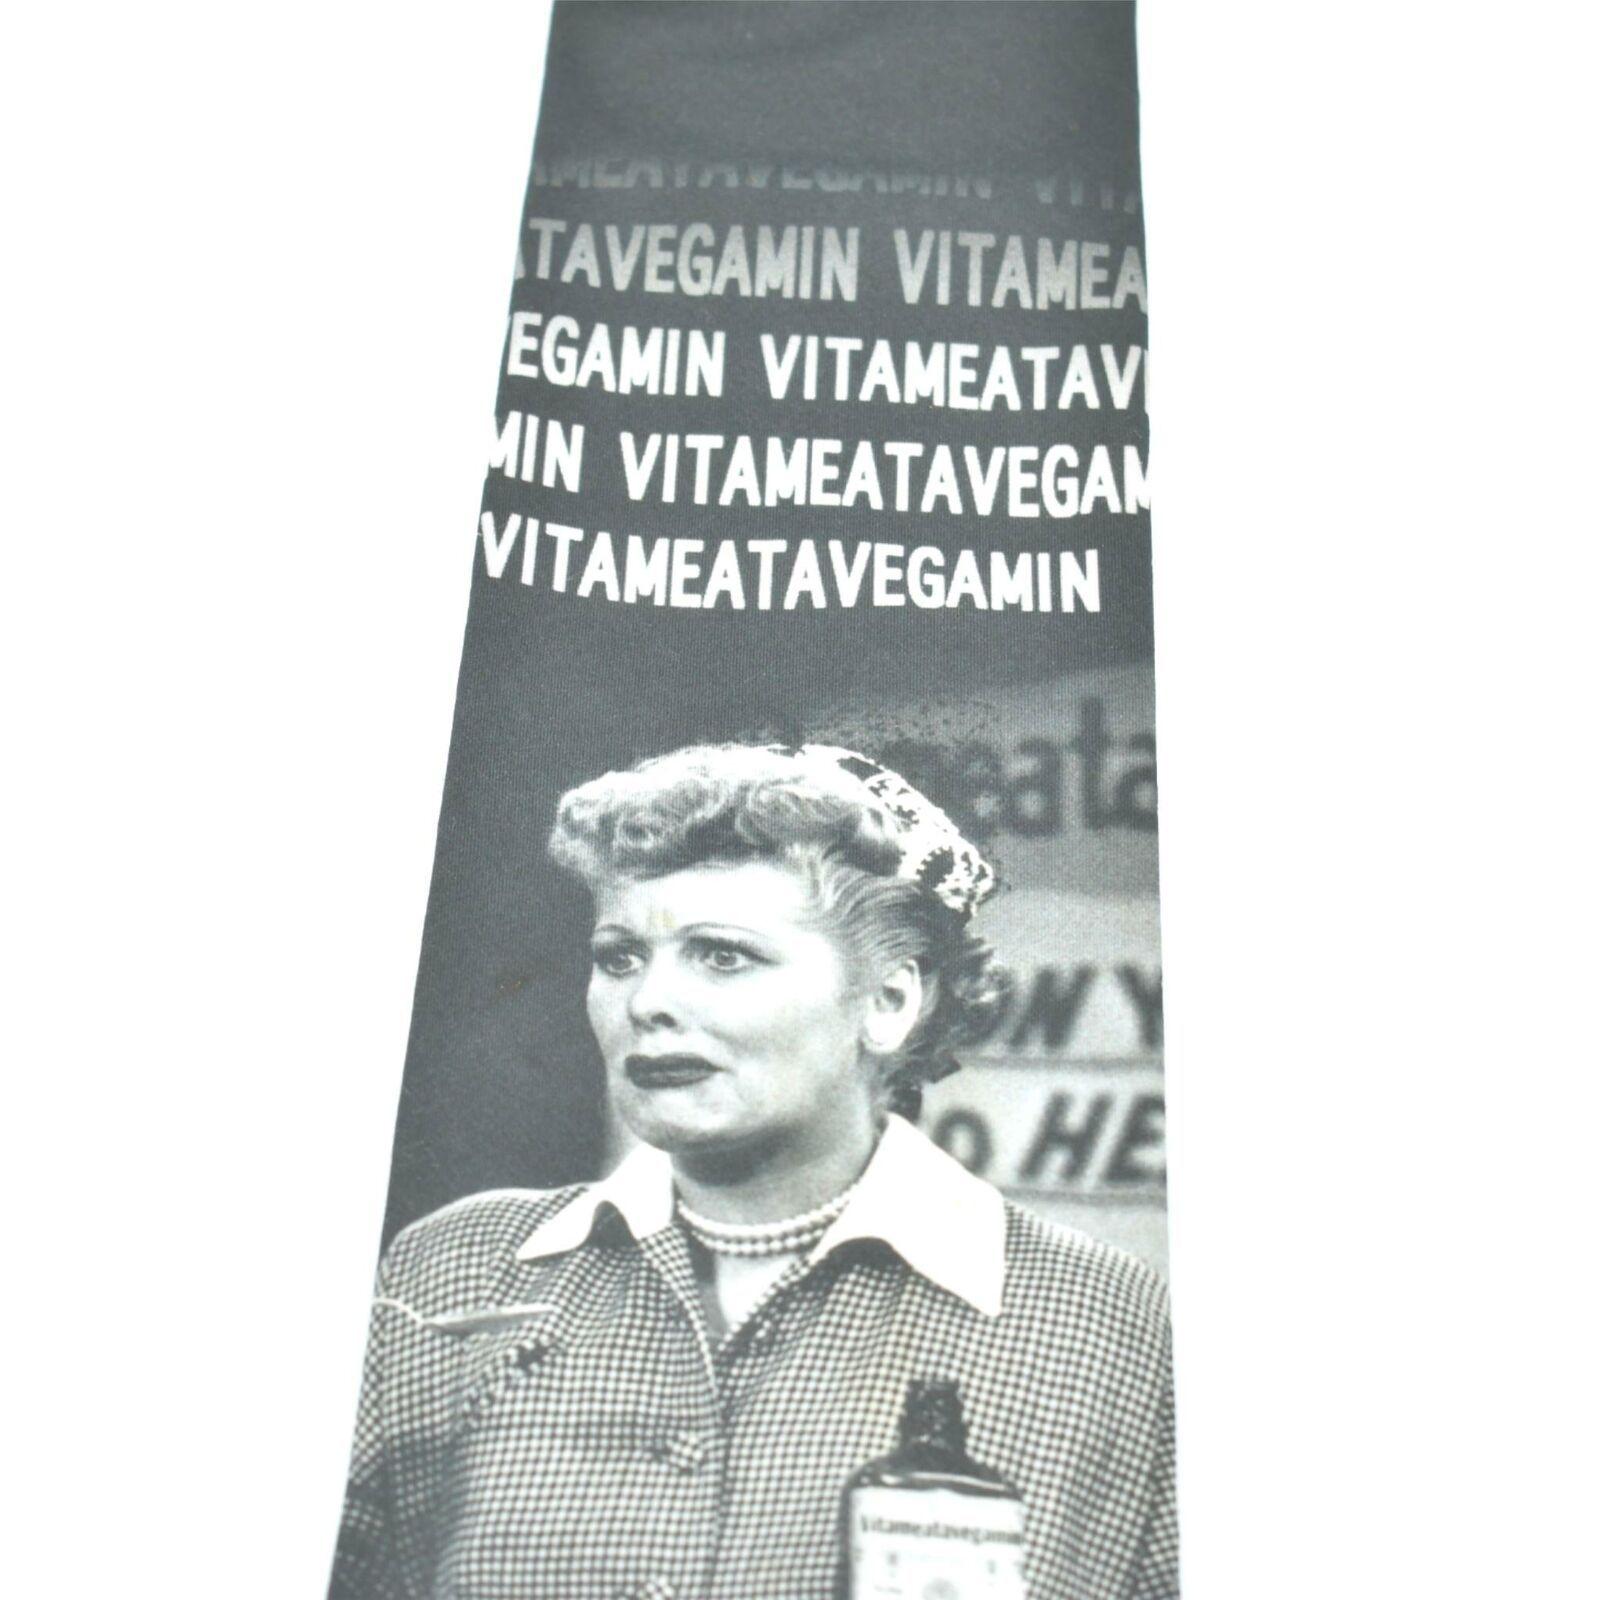 Ralph Martin Lucy Vitameatavegamin Polyester Tie Necktie image 4